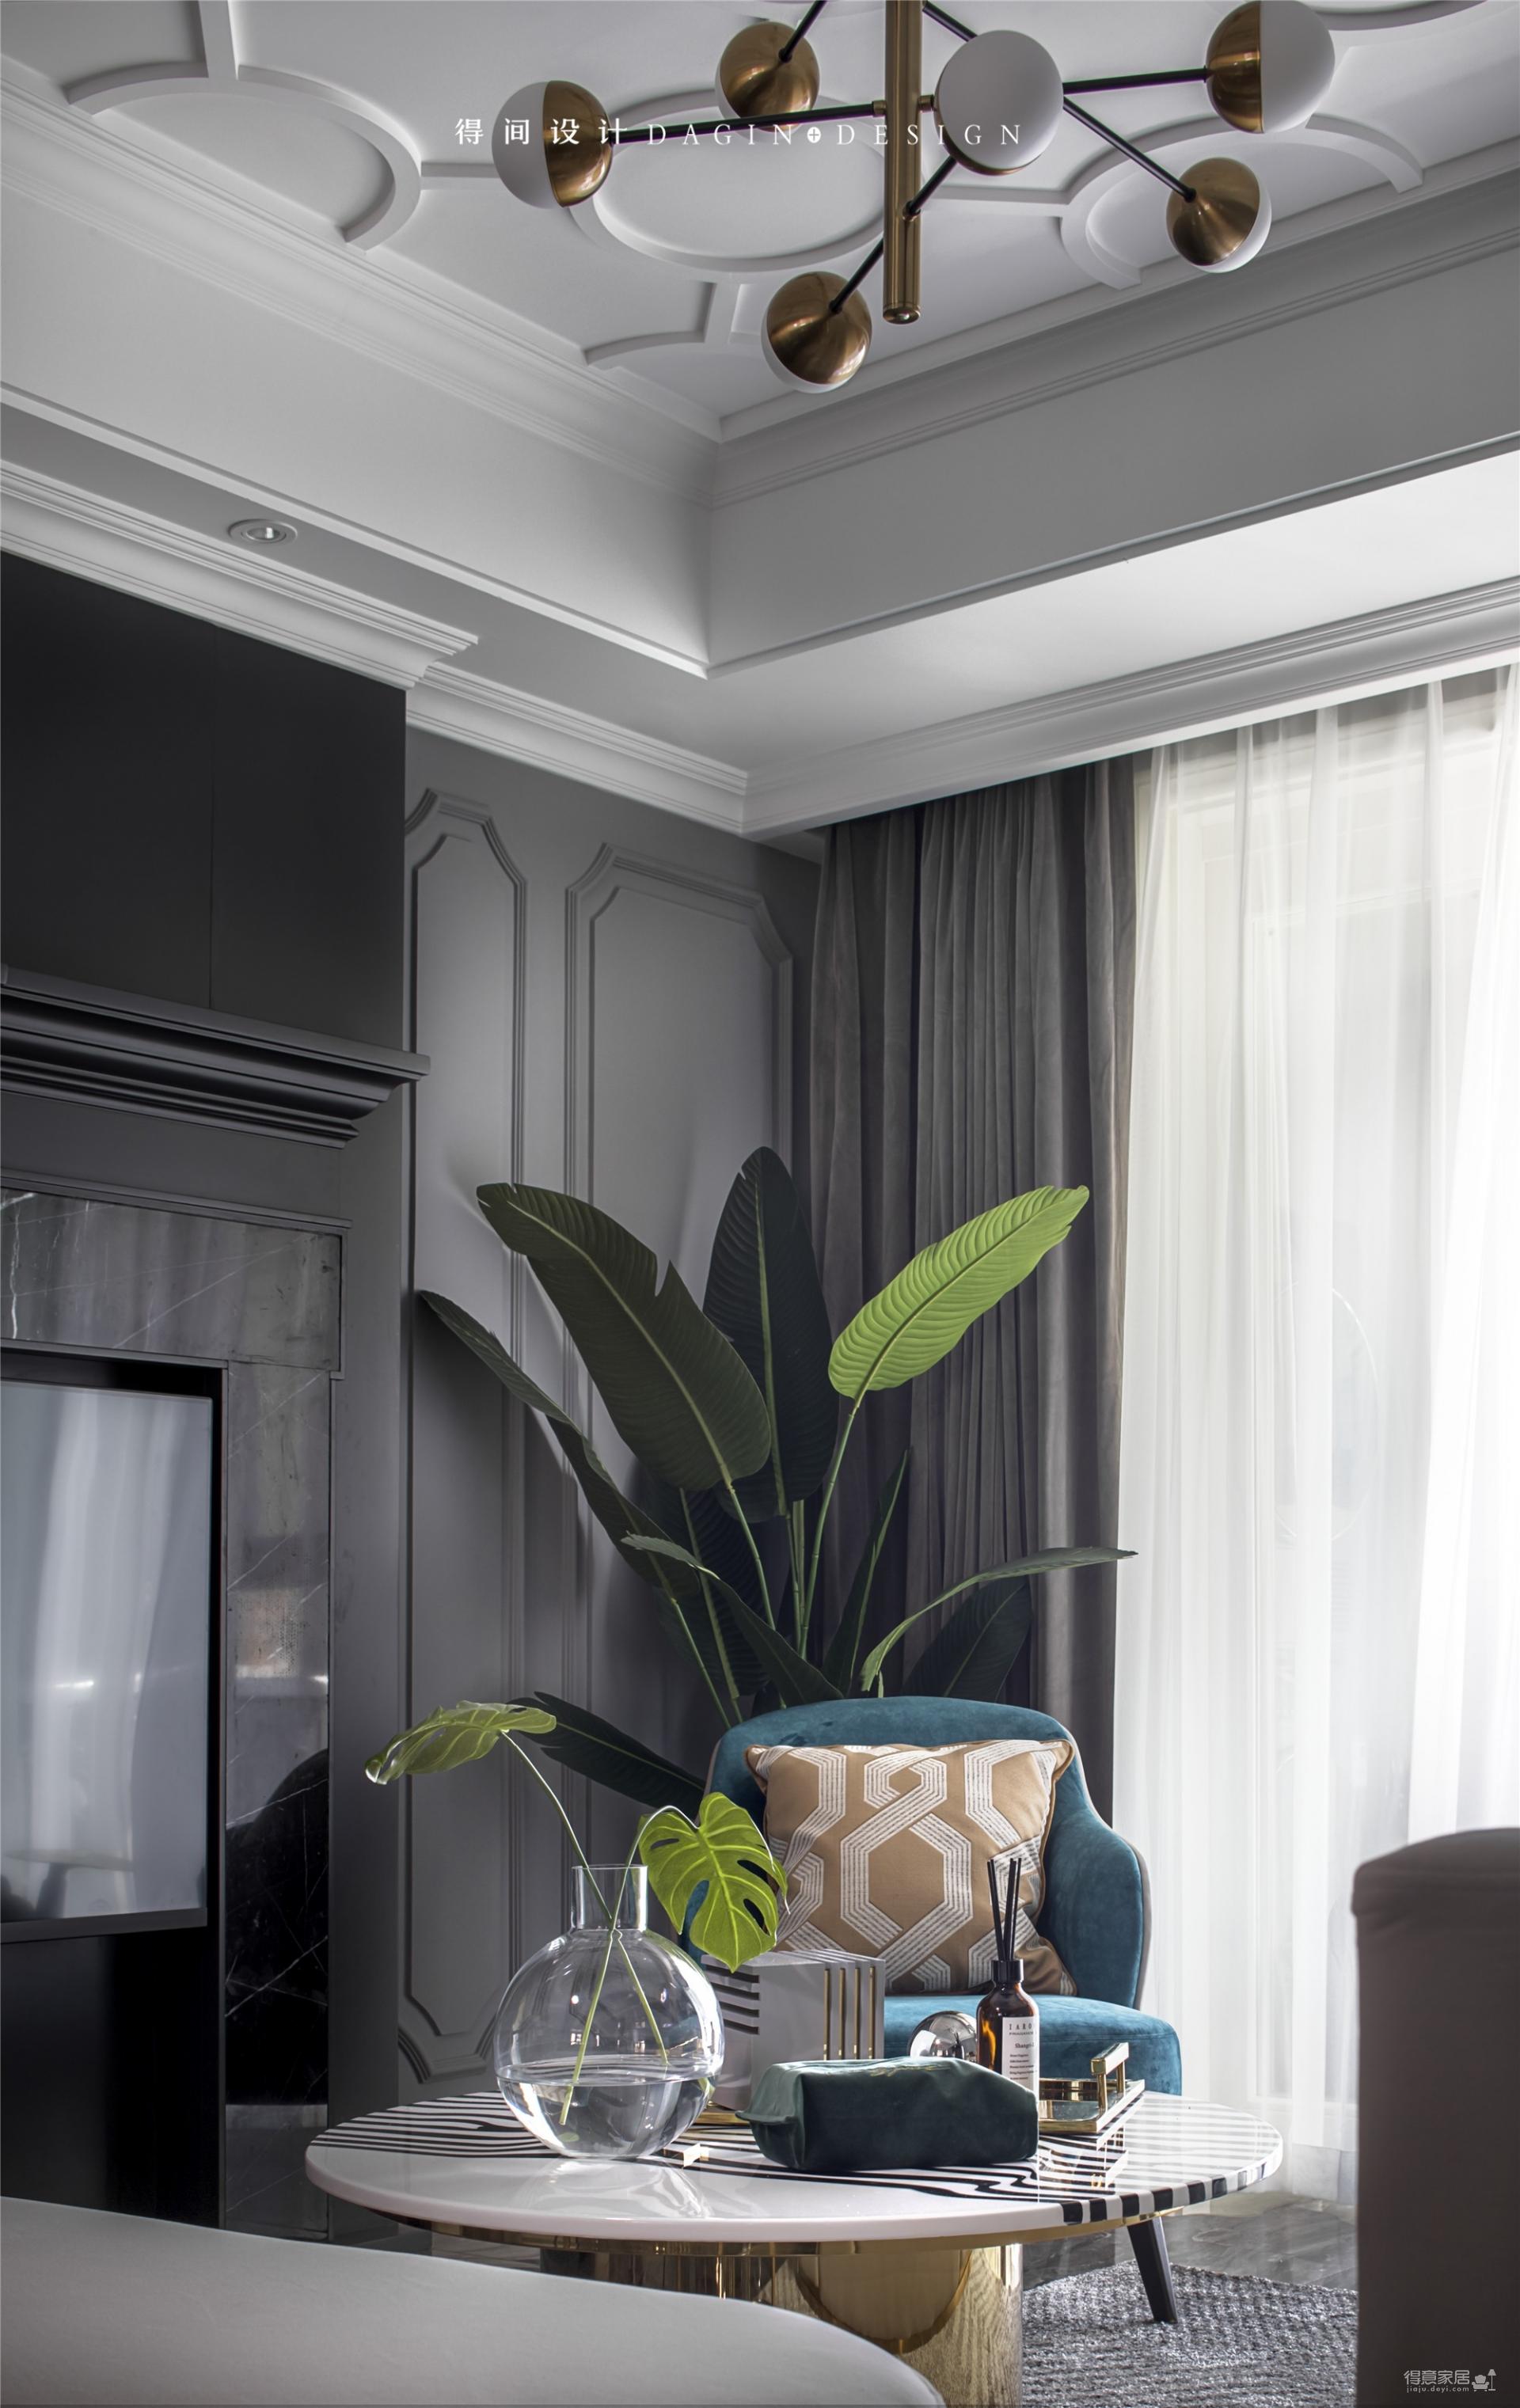 首发 || 这个家用壁炉电视墙,打造出撩人心弦的美式轻奢风!图_6